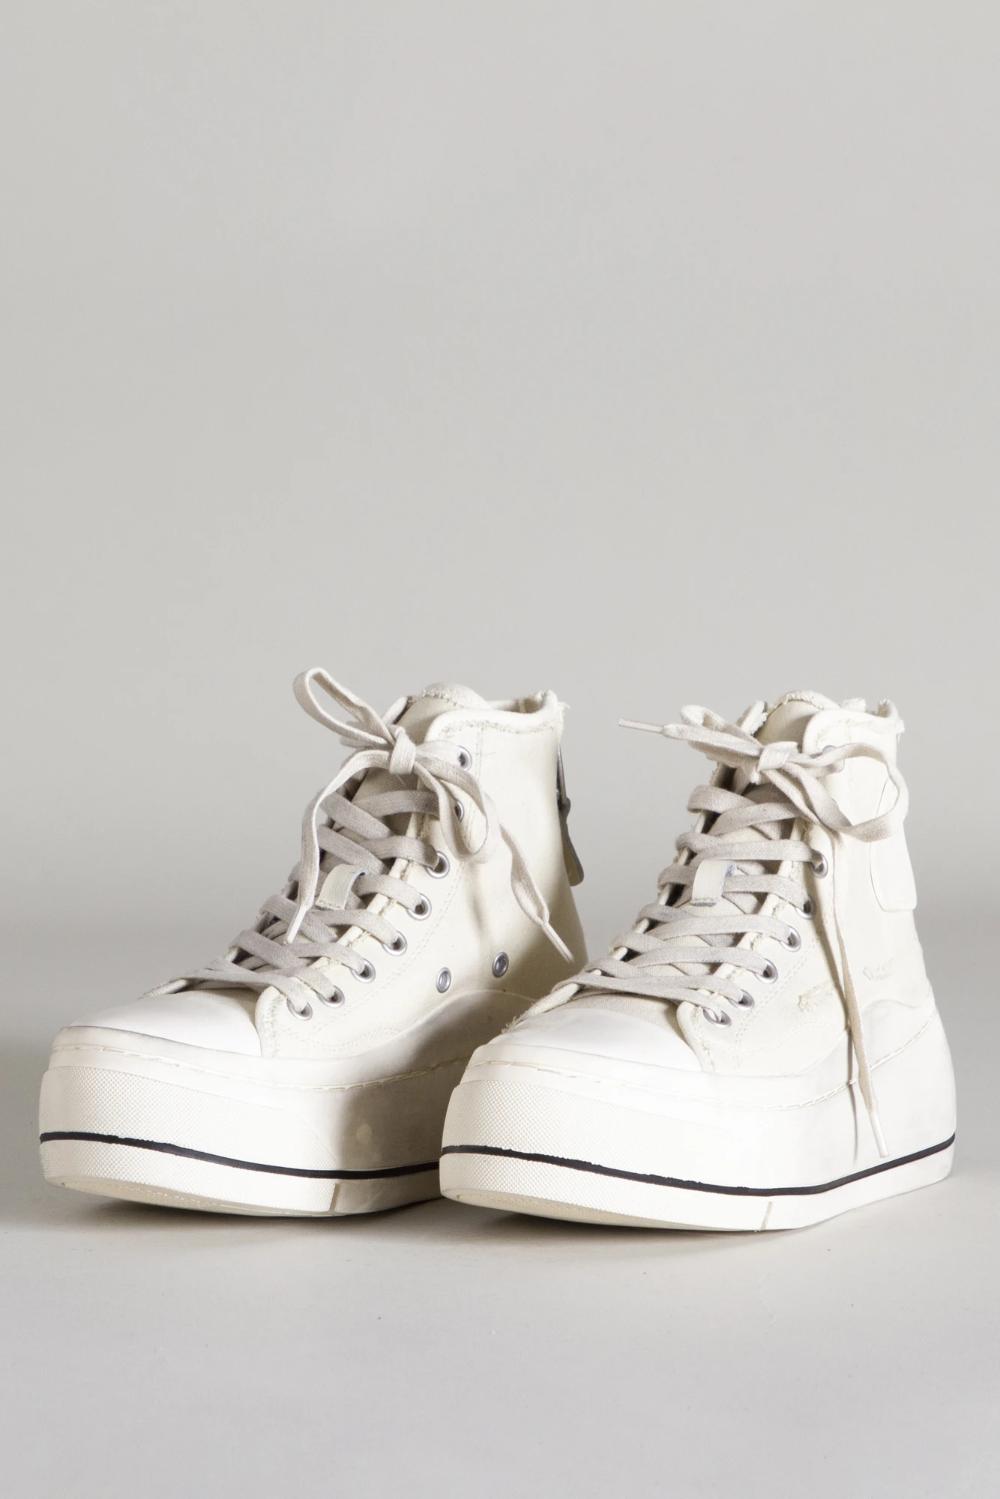 High Top Sneaker - Ecru in 2020   High